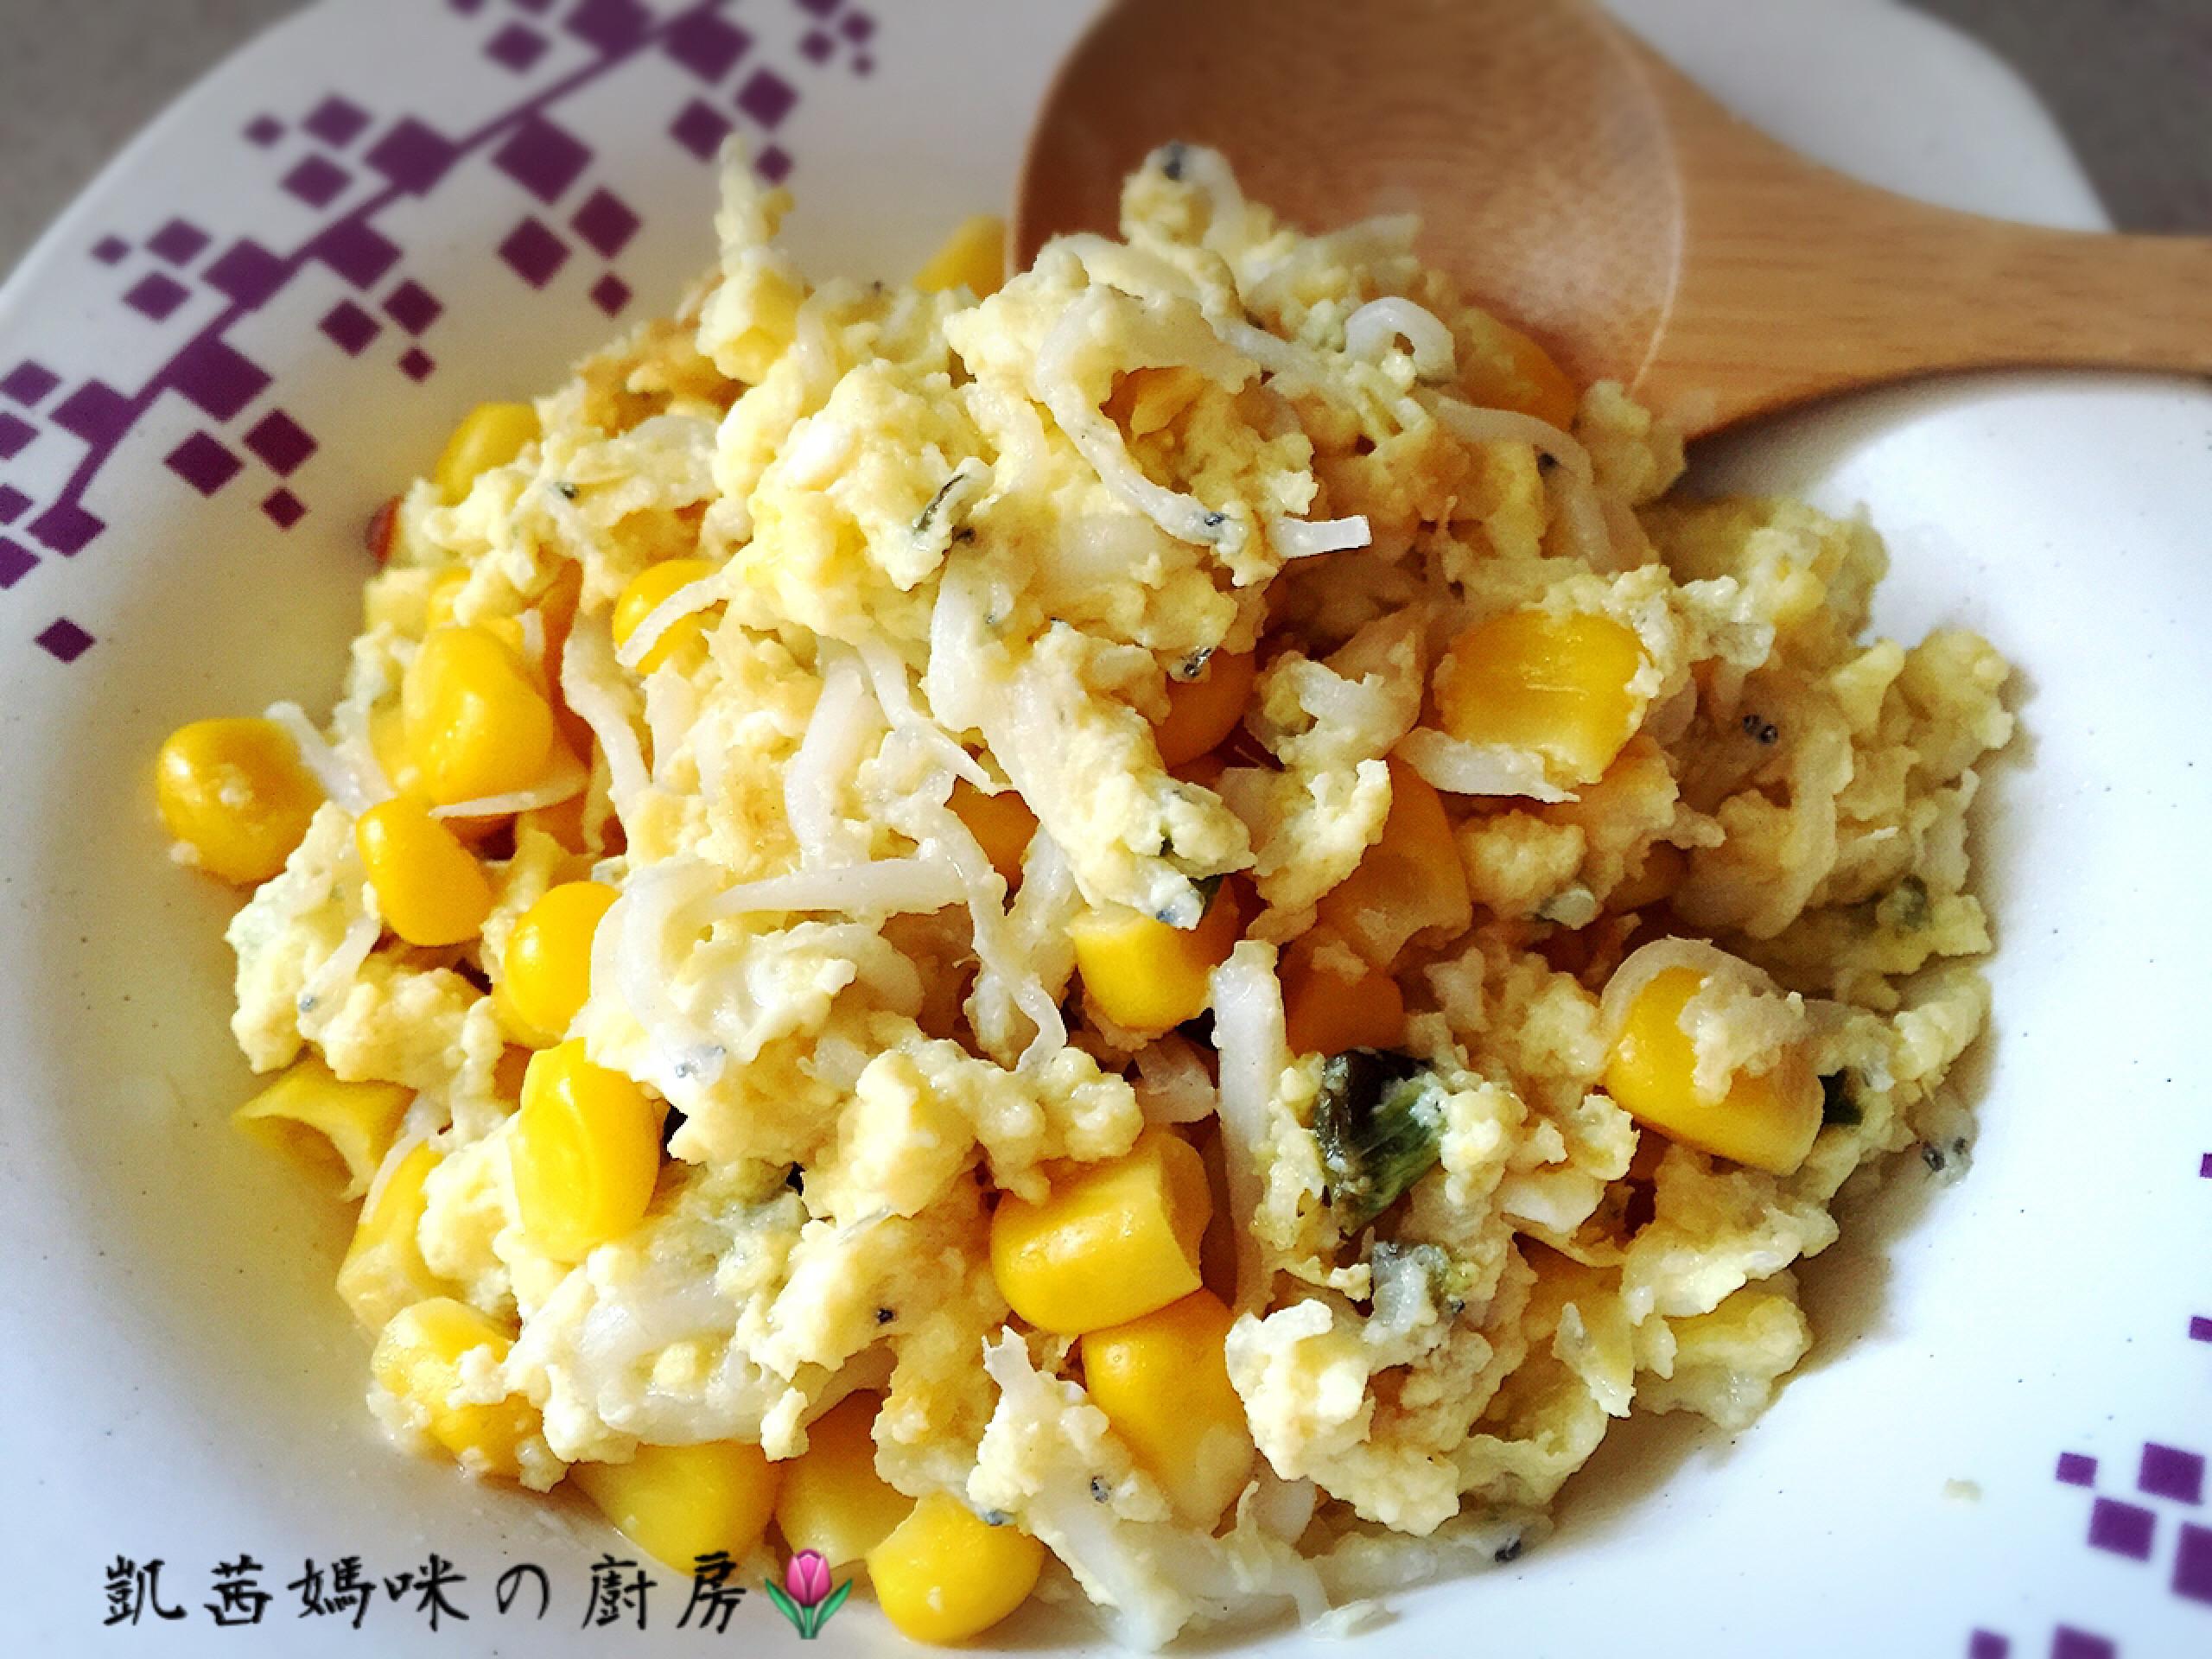 太湖銀魚黃金蛋🎶